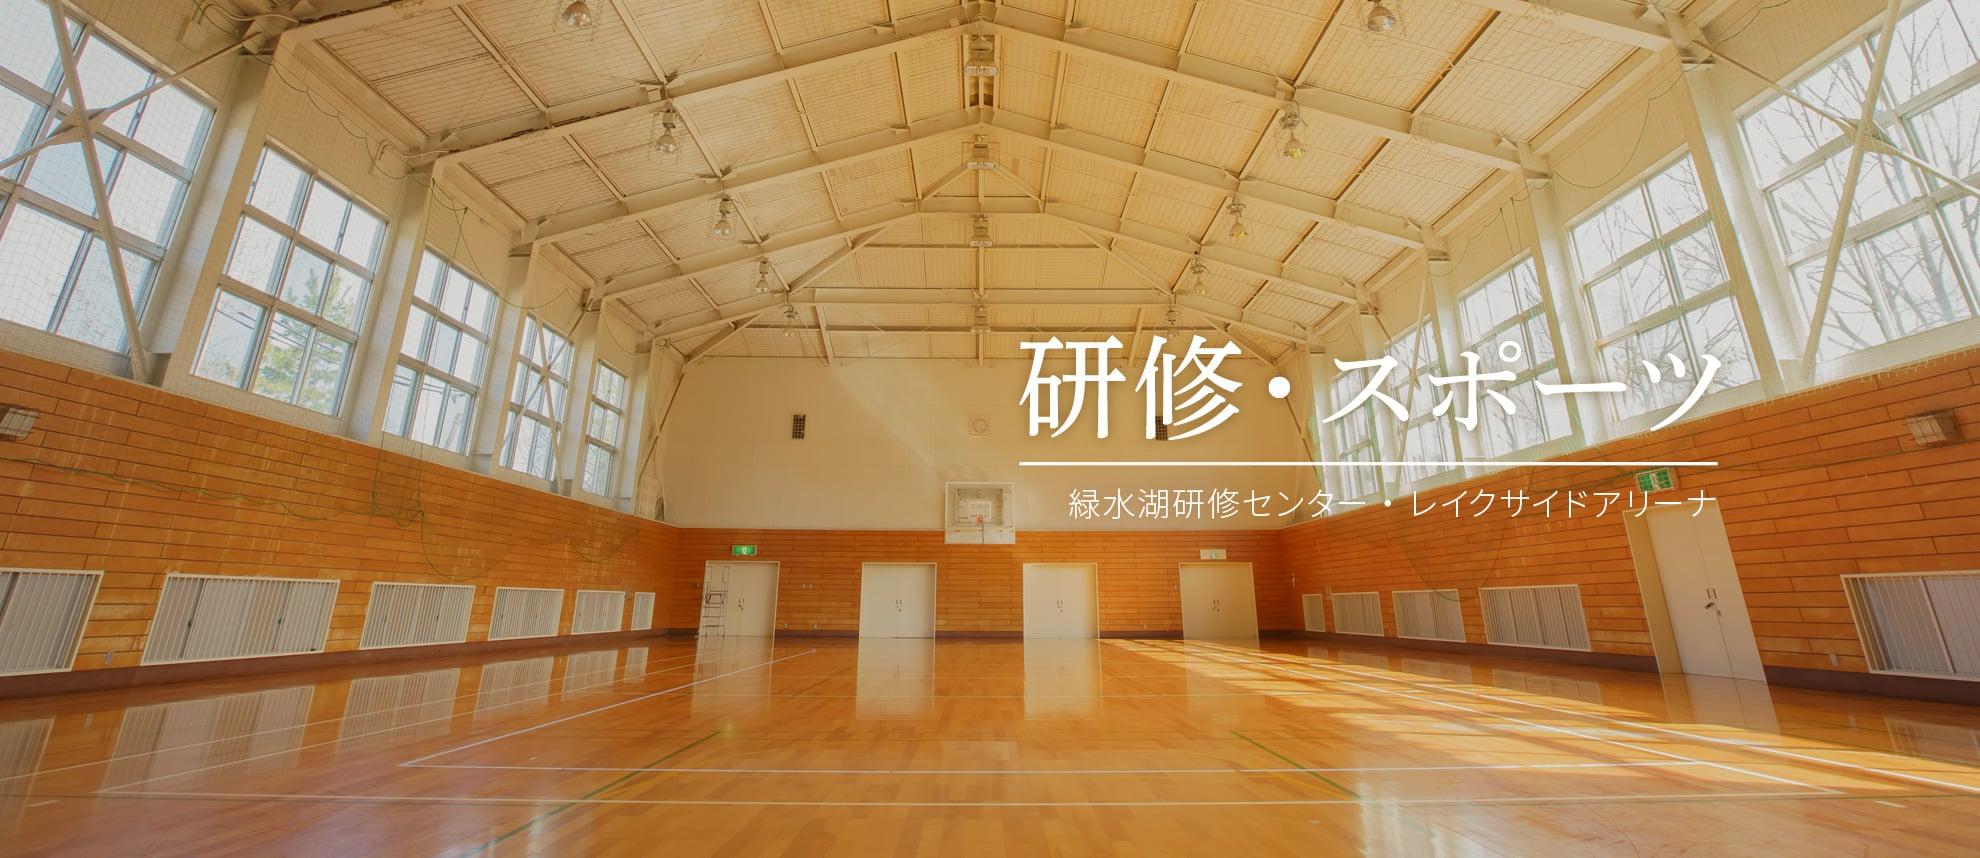 研修・スポーツ